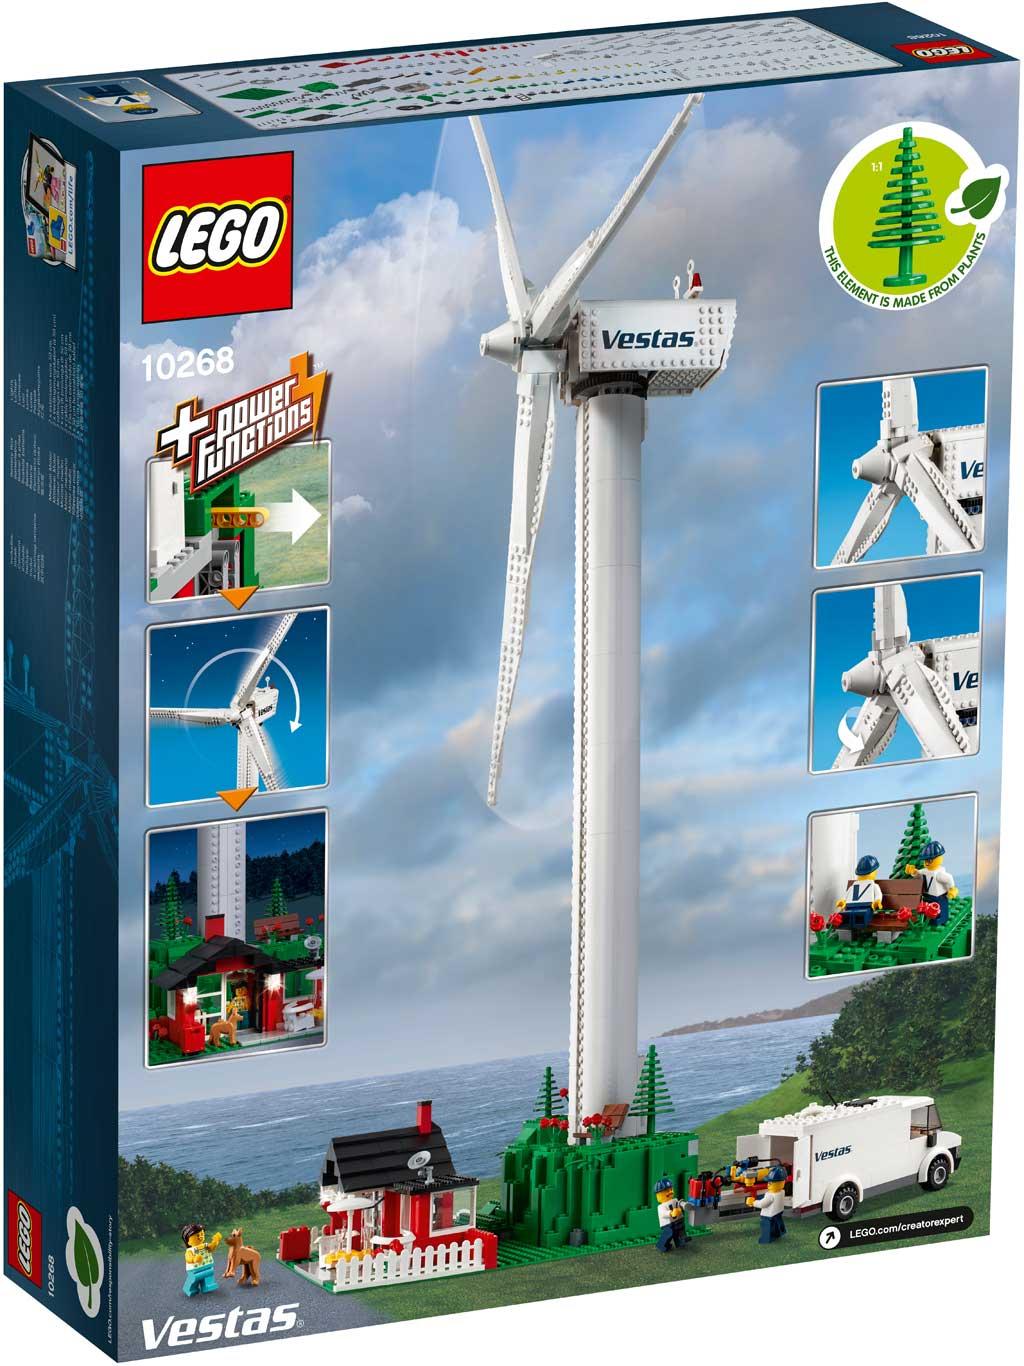 lego-creator-expert-vestas-windkraftanlage-10268-box-rueckseite-2018 zusammengebaut.com